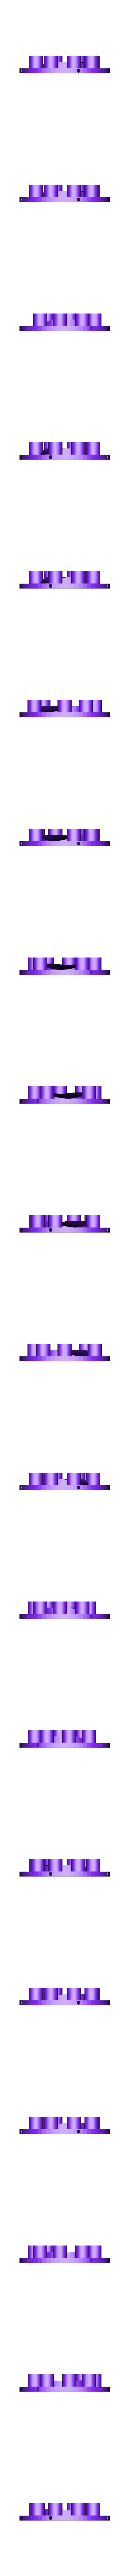 Base panier.STL Télécharger fichier STL Catabasket (jeu d'équipe,soirée,famille) • Modèle à imprimer en 3D, Gael_B